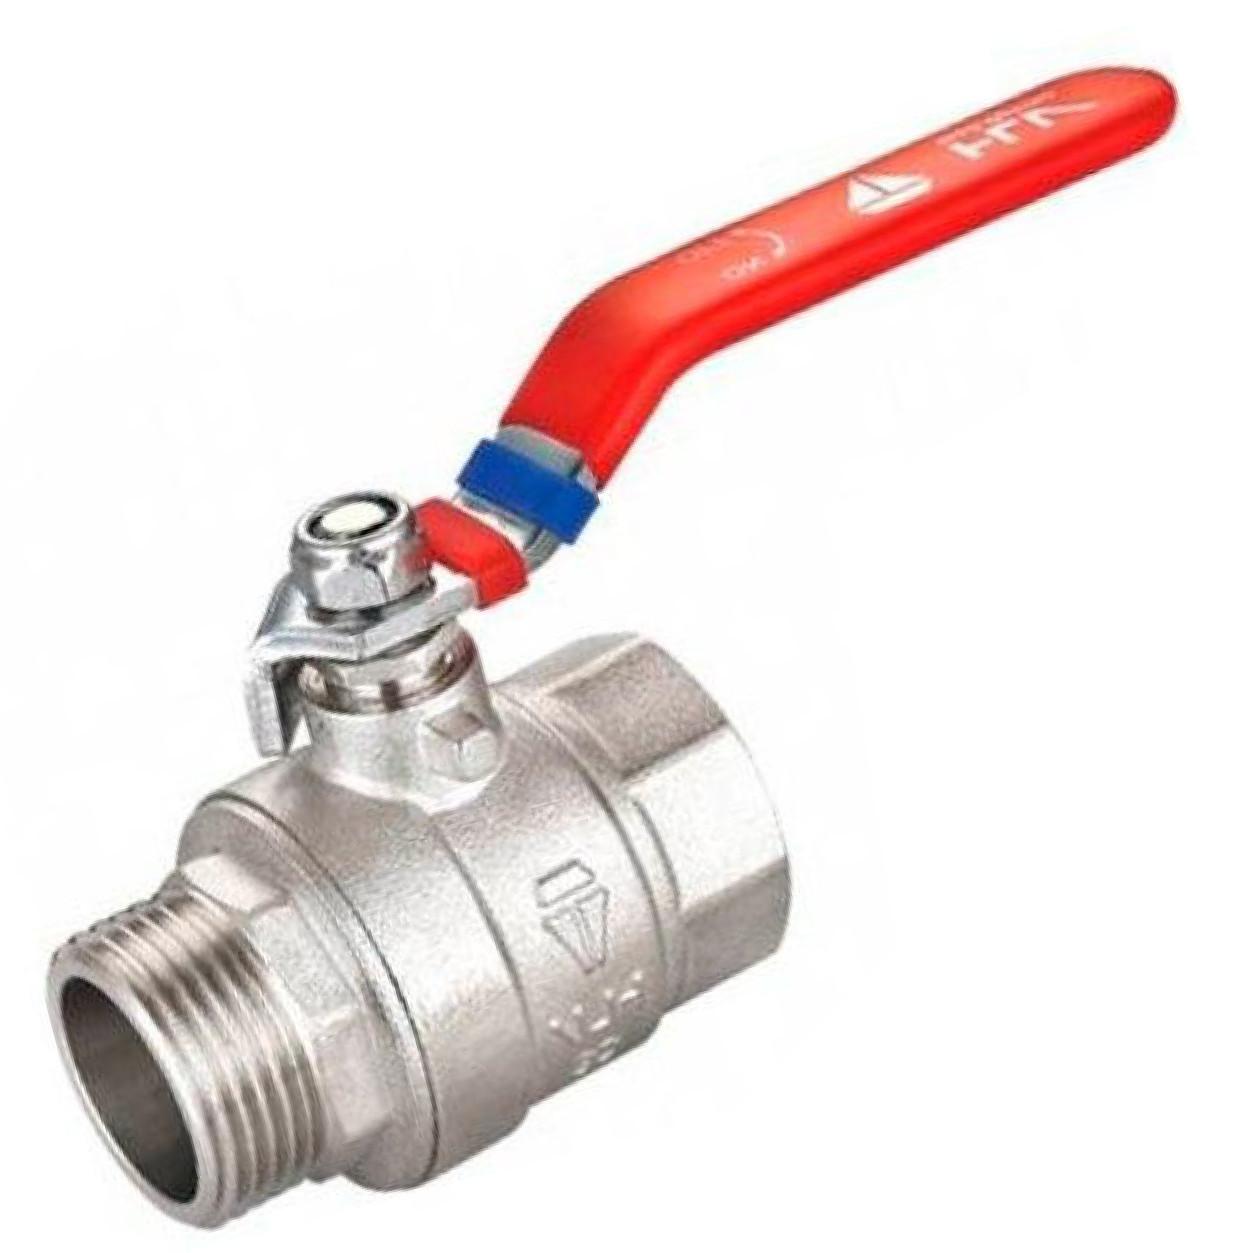 HLV optima кран шаровый PN40 1 1/2 ГШ ручка латунный